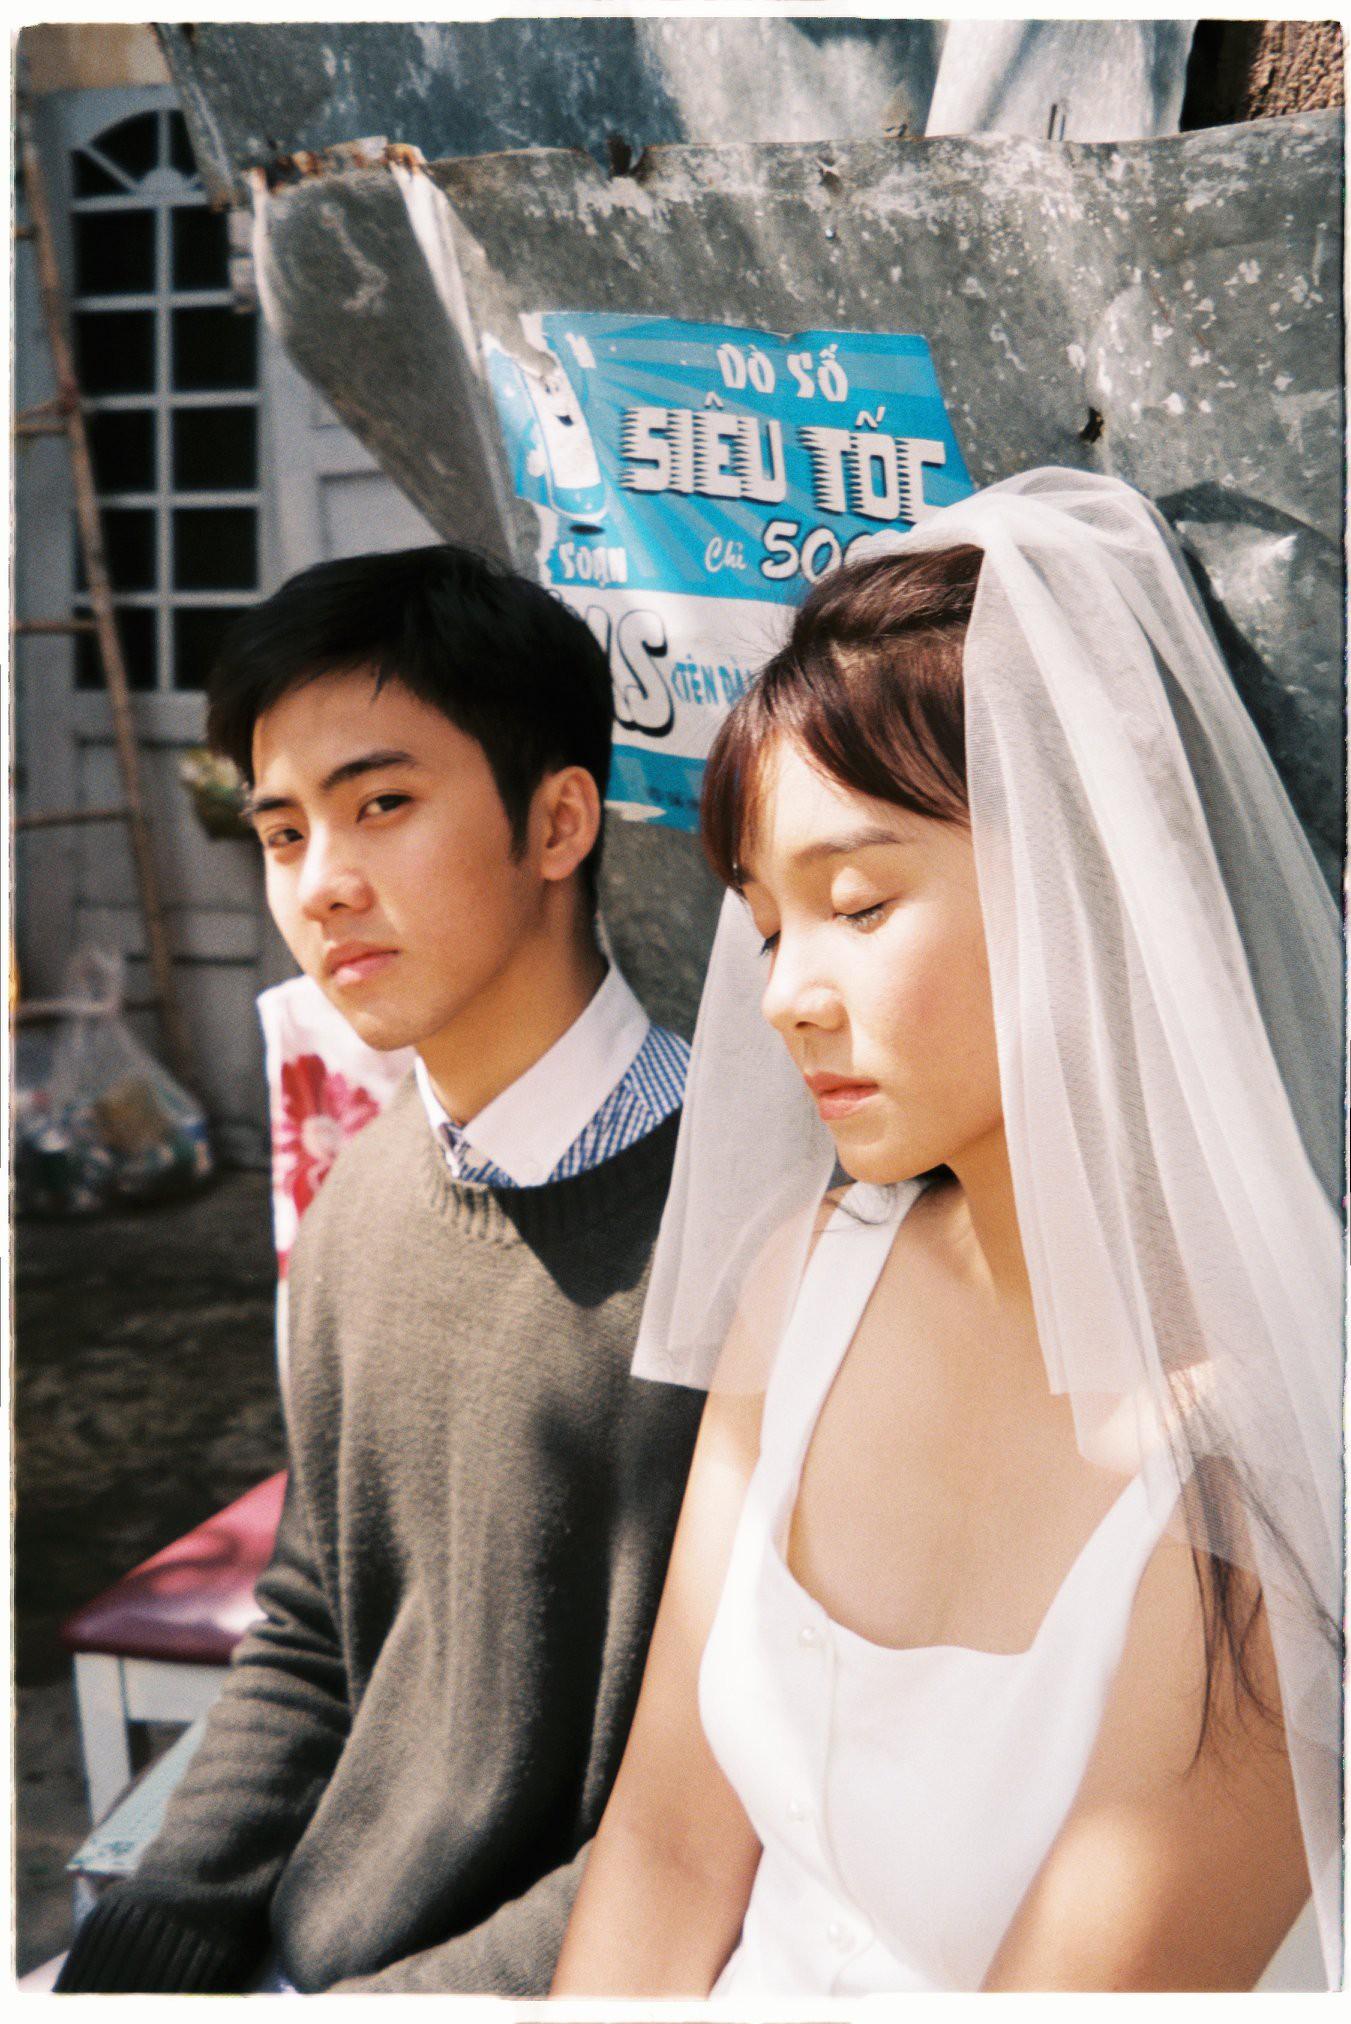 30 phút mượn vườn nhà bác hàng xóm, 9X Việt cho ra bộ ảnh cưới chất như film Hong Kong - Ảnh 5.